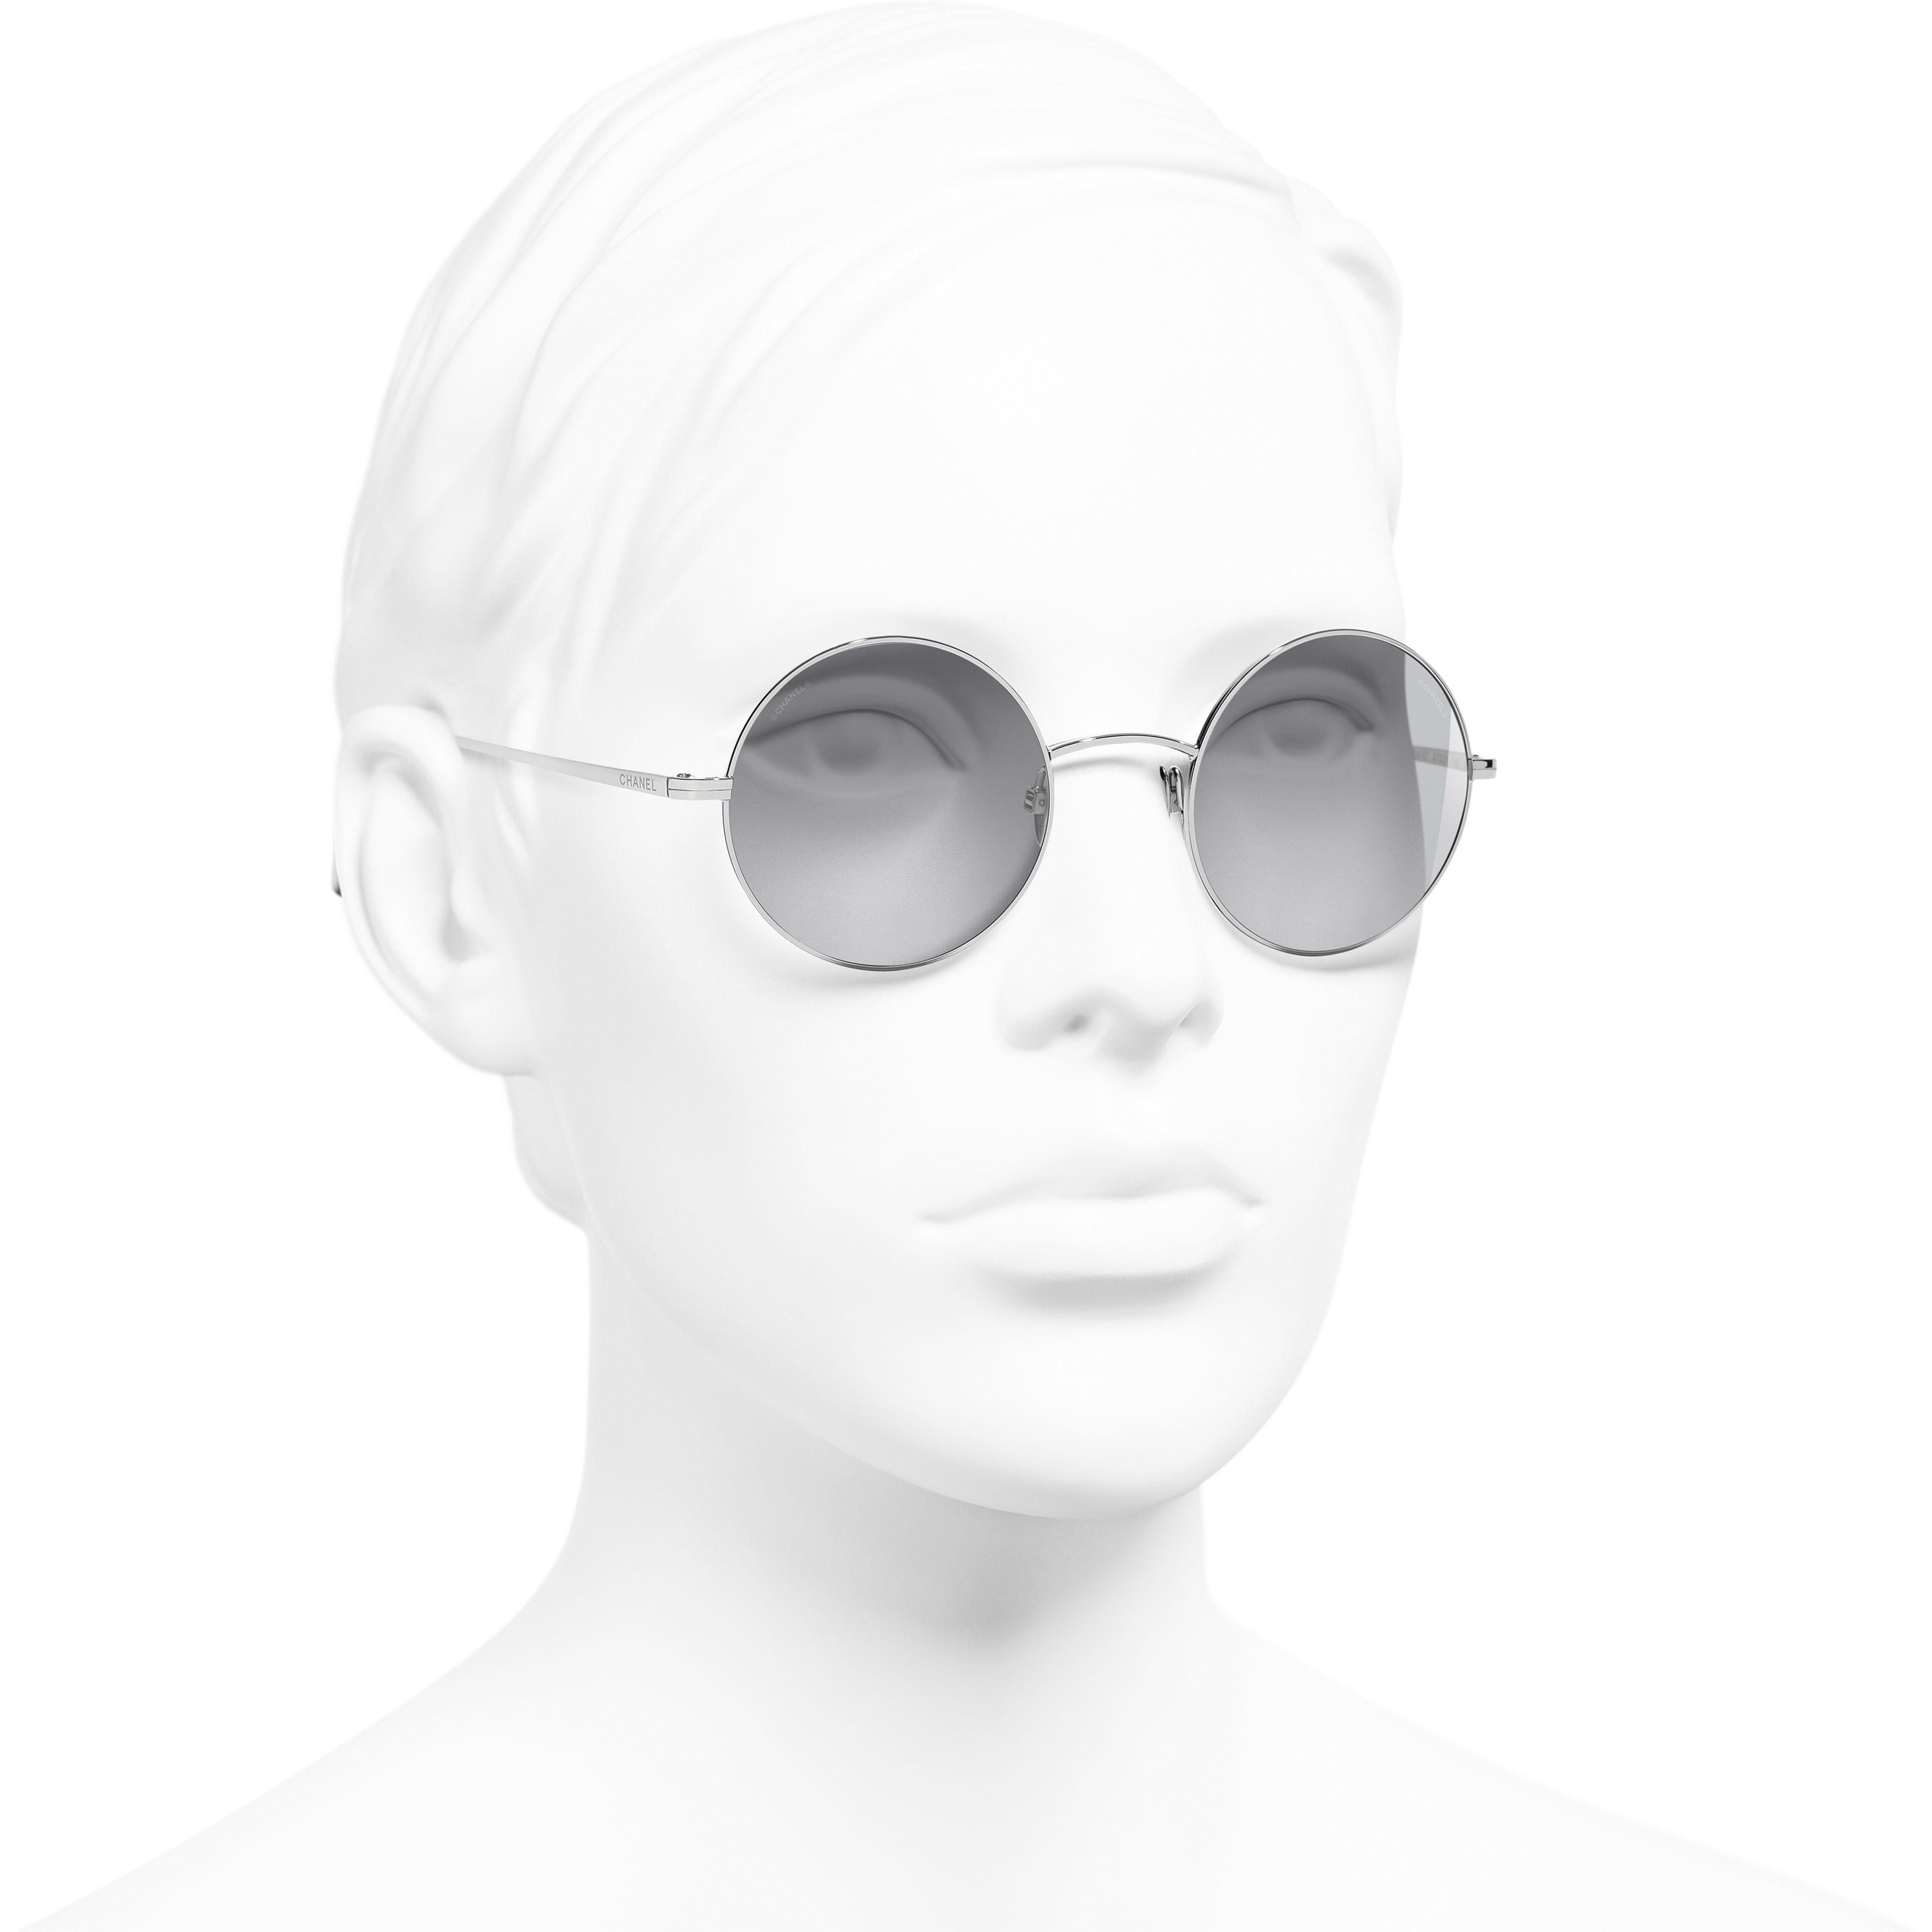 圓形太陽眼鏡 - 銀 - 鈦合金 - CHANEL - 配戴時的3/4側面視圖 - 查看標準尺寸版本